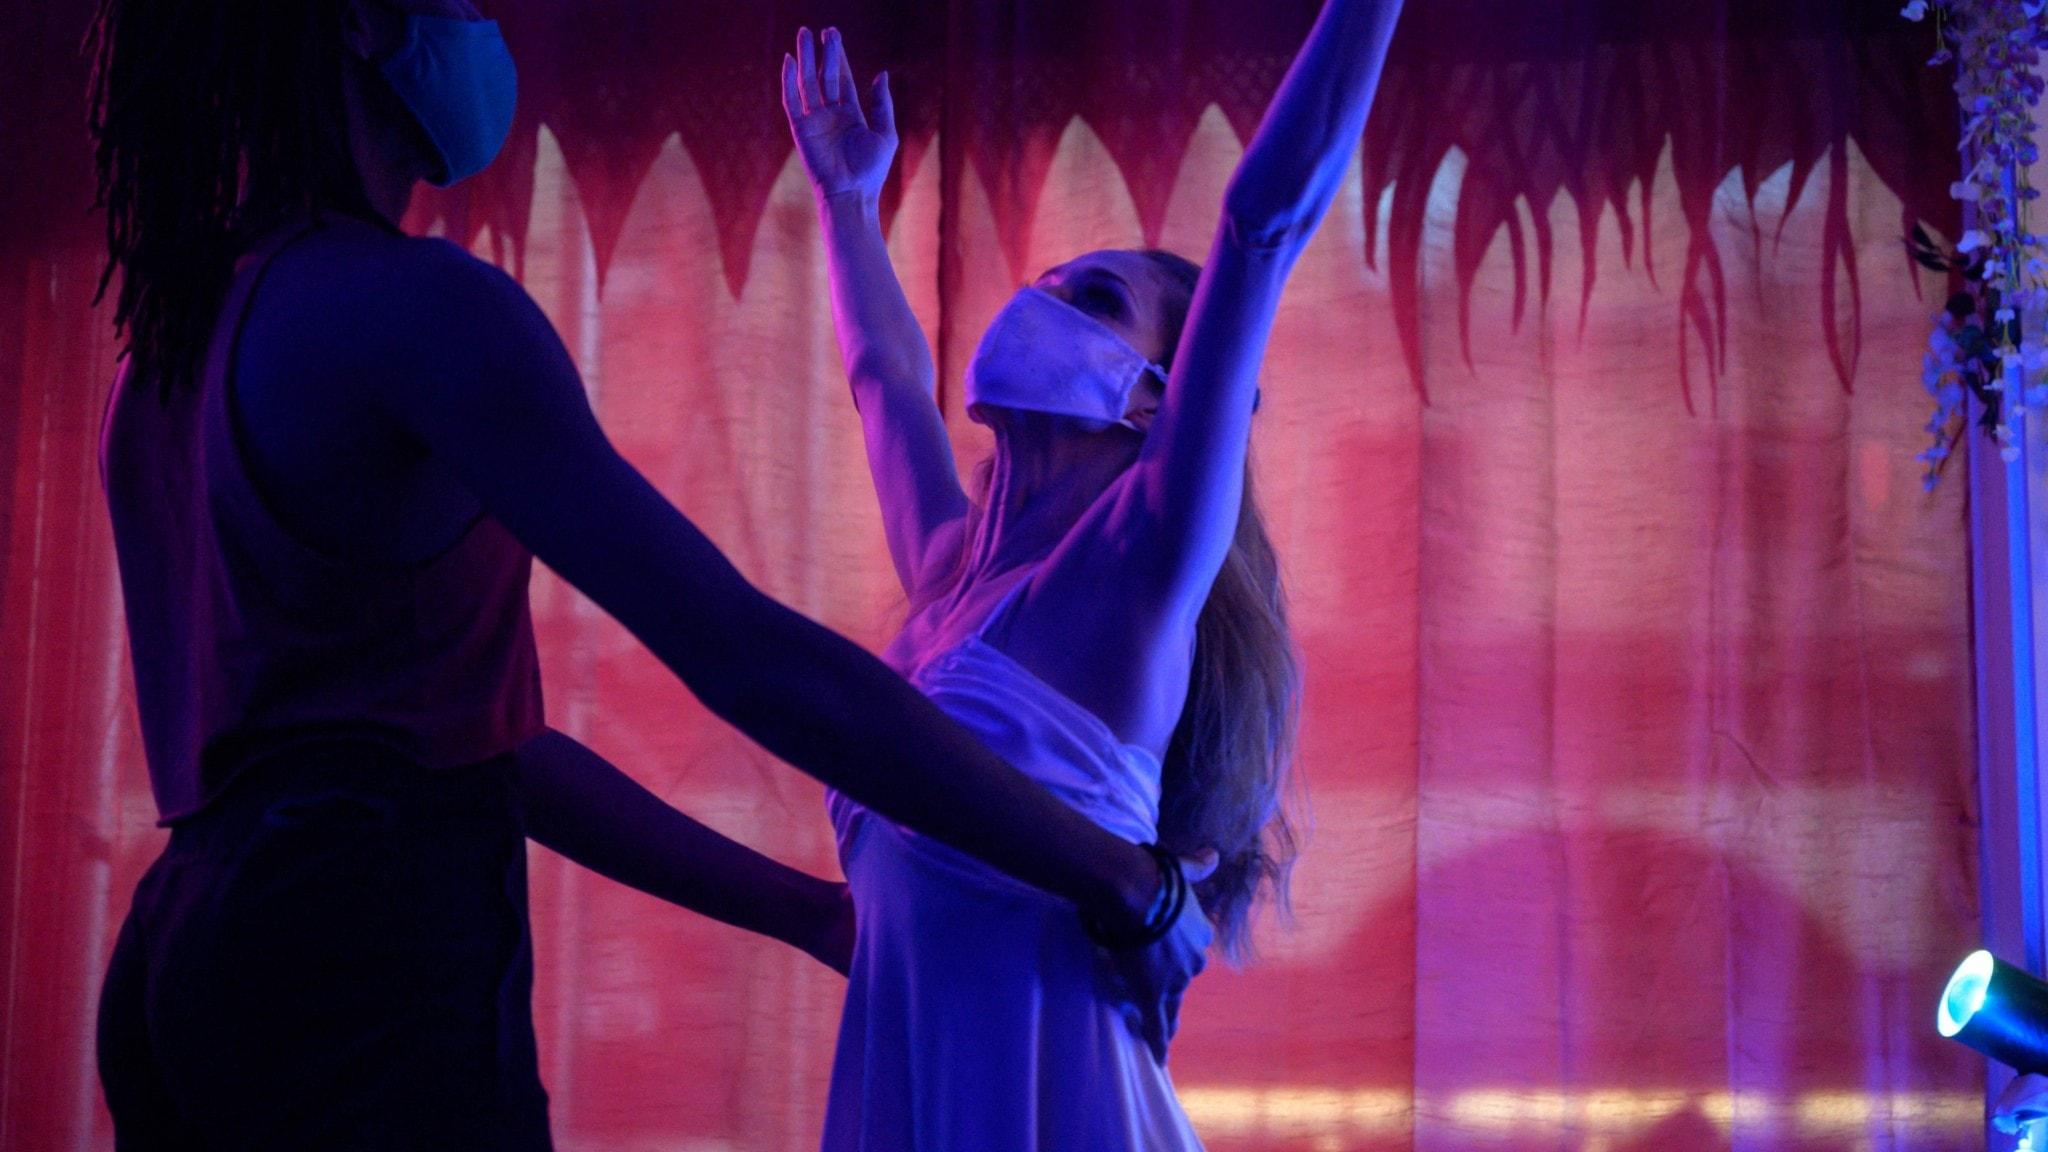 En kvinna iförd munskydd står och sträcker sina bara armar upp i luften, medan en man håller om hennes midja.